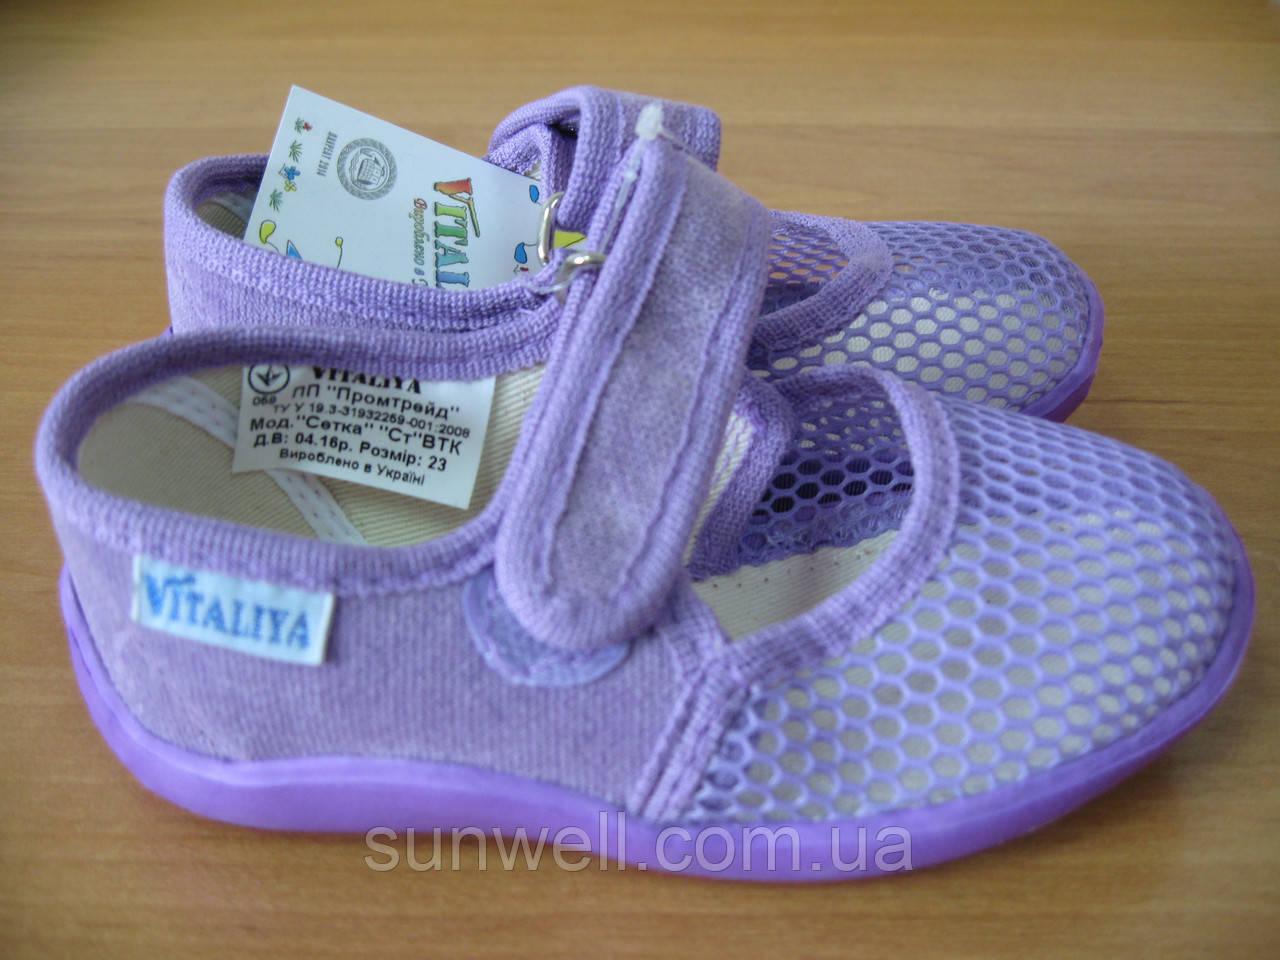 Тапочки Сіточка для дівчинки, взуття Vitaliya, ТМ Віталія Україна, р-р 26